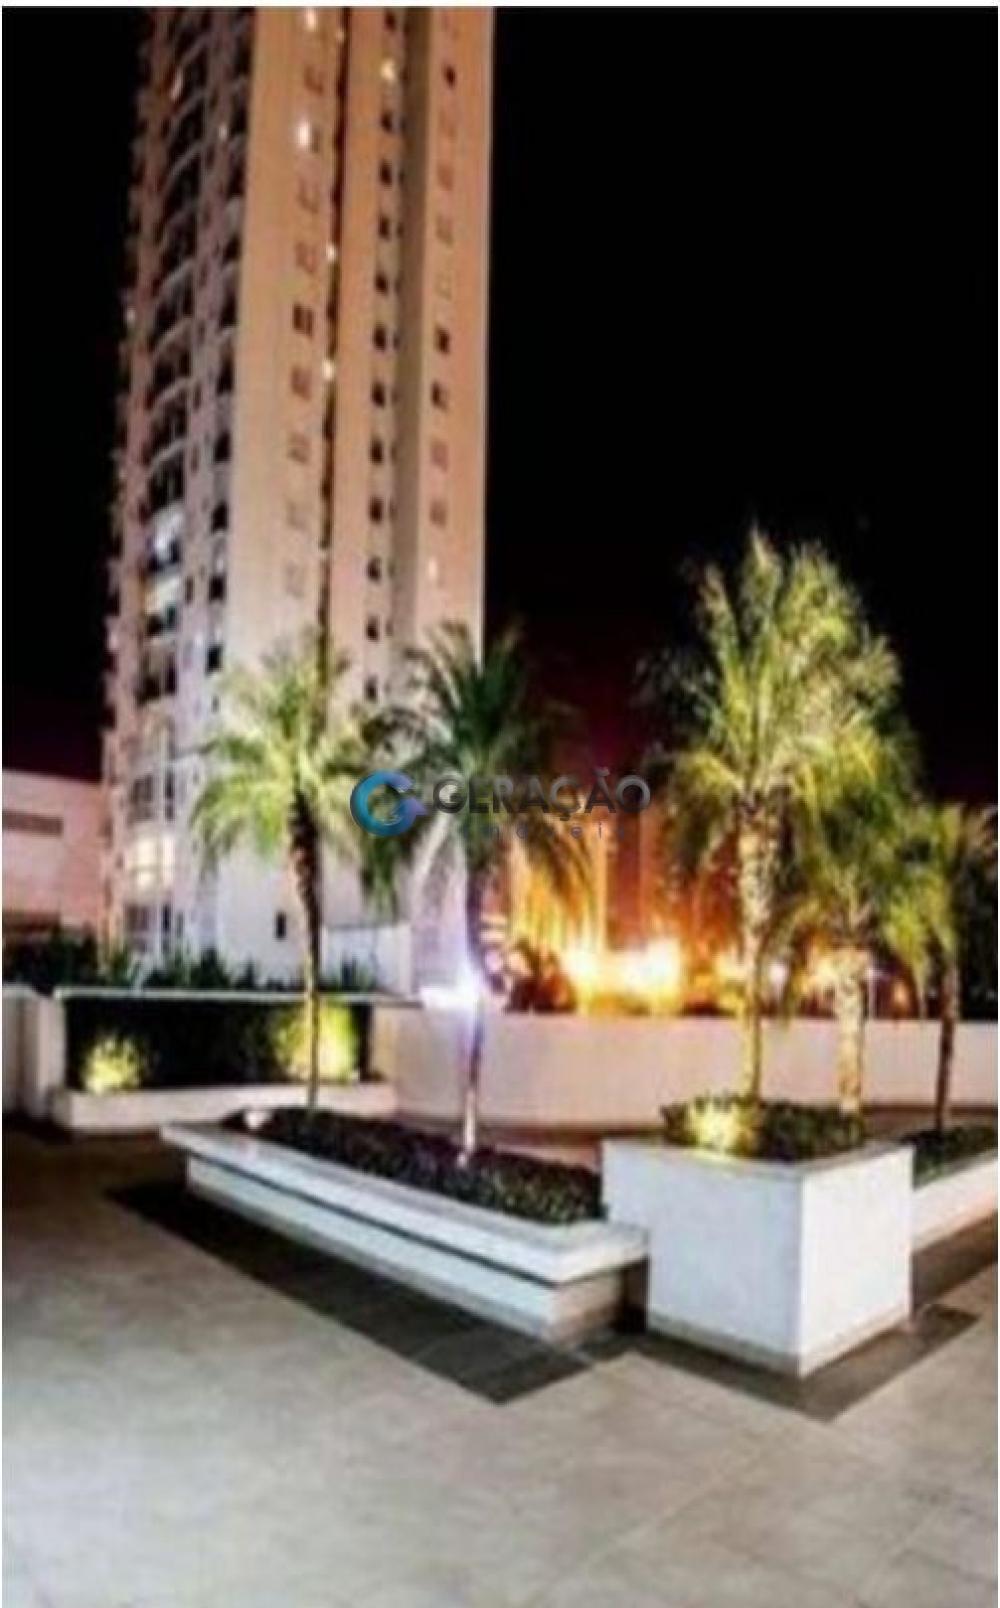 Comprar Apartamento / Padrão em São José dos Campos R$ 373.000,00 - Foto 26